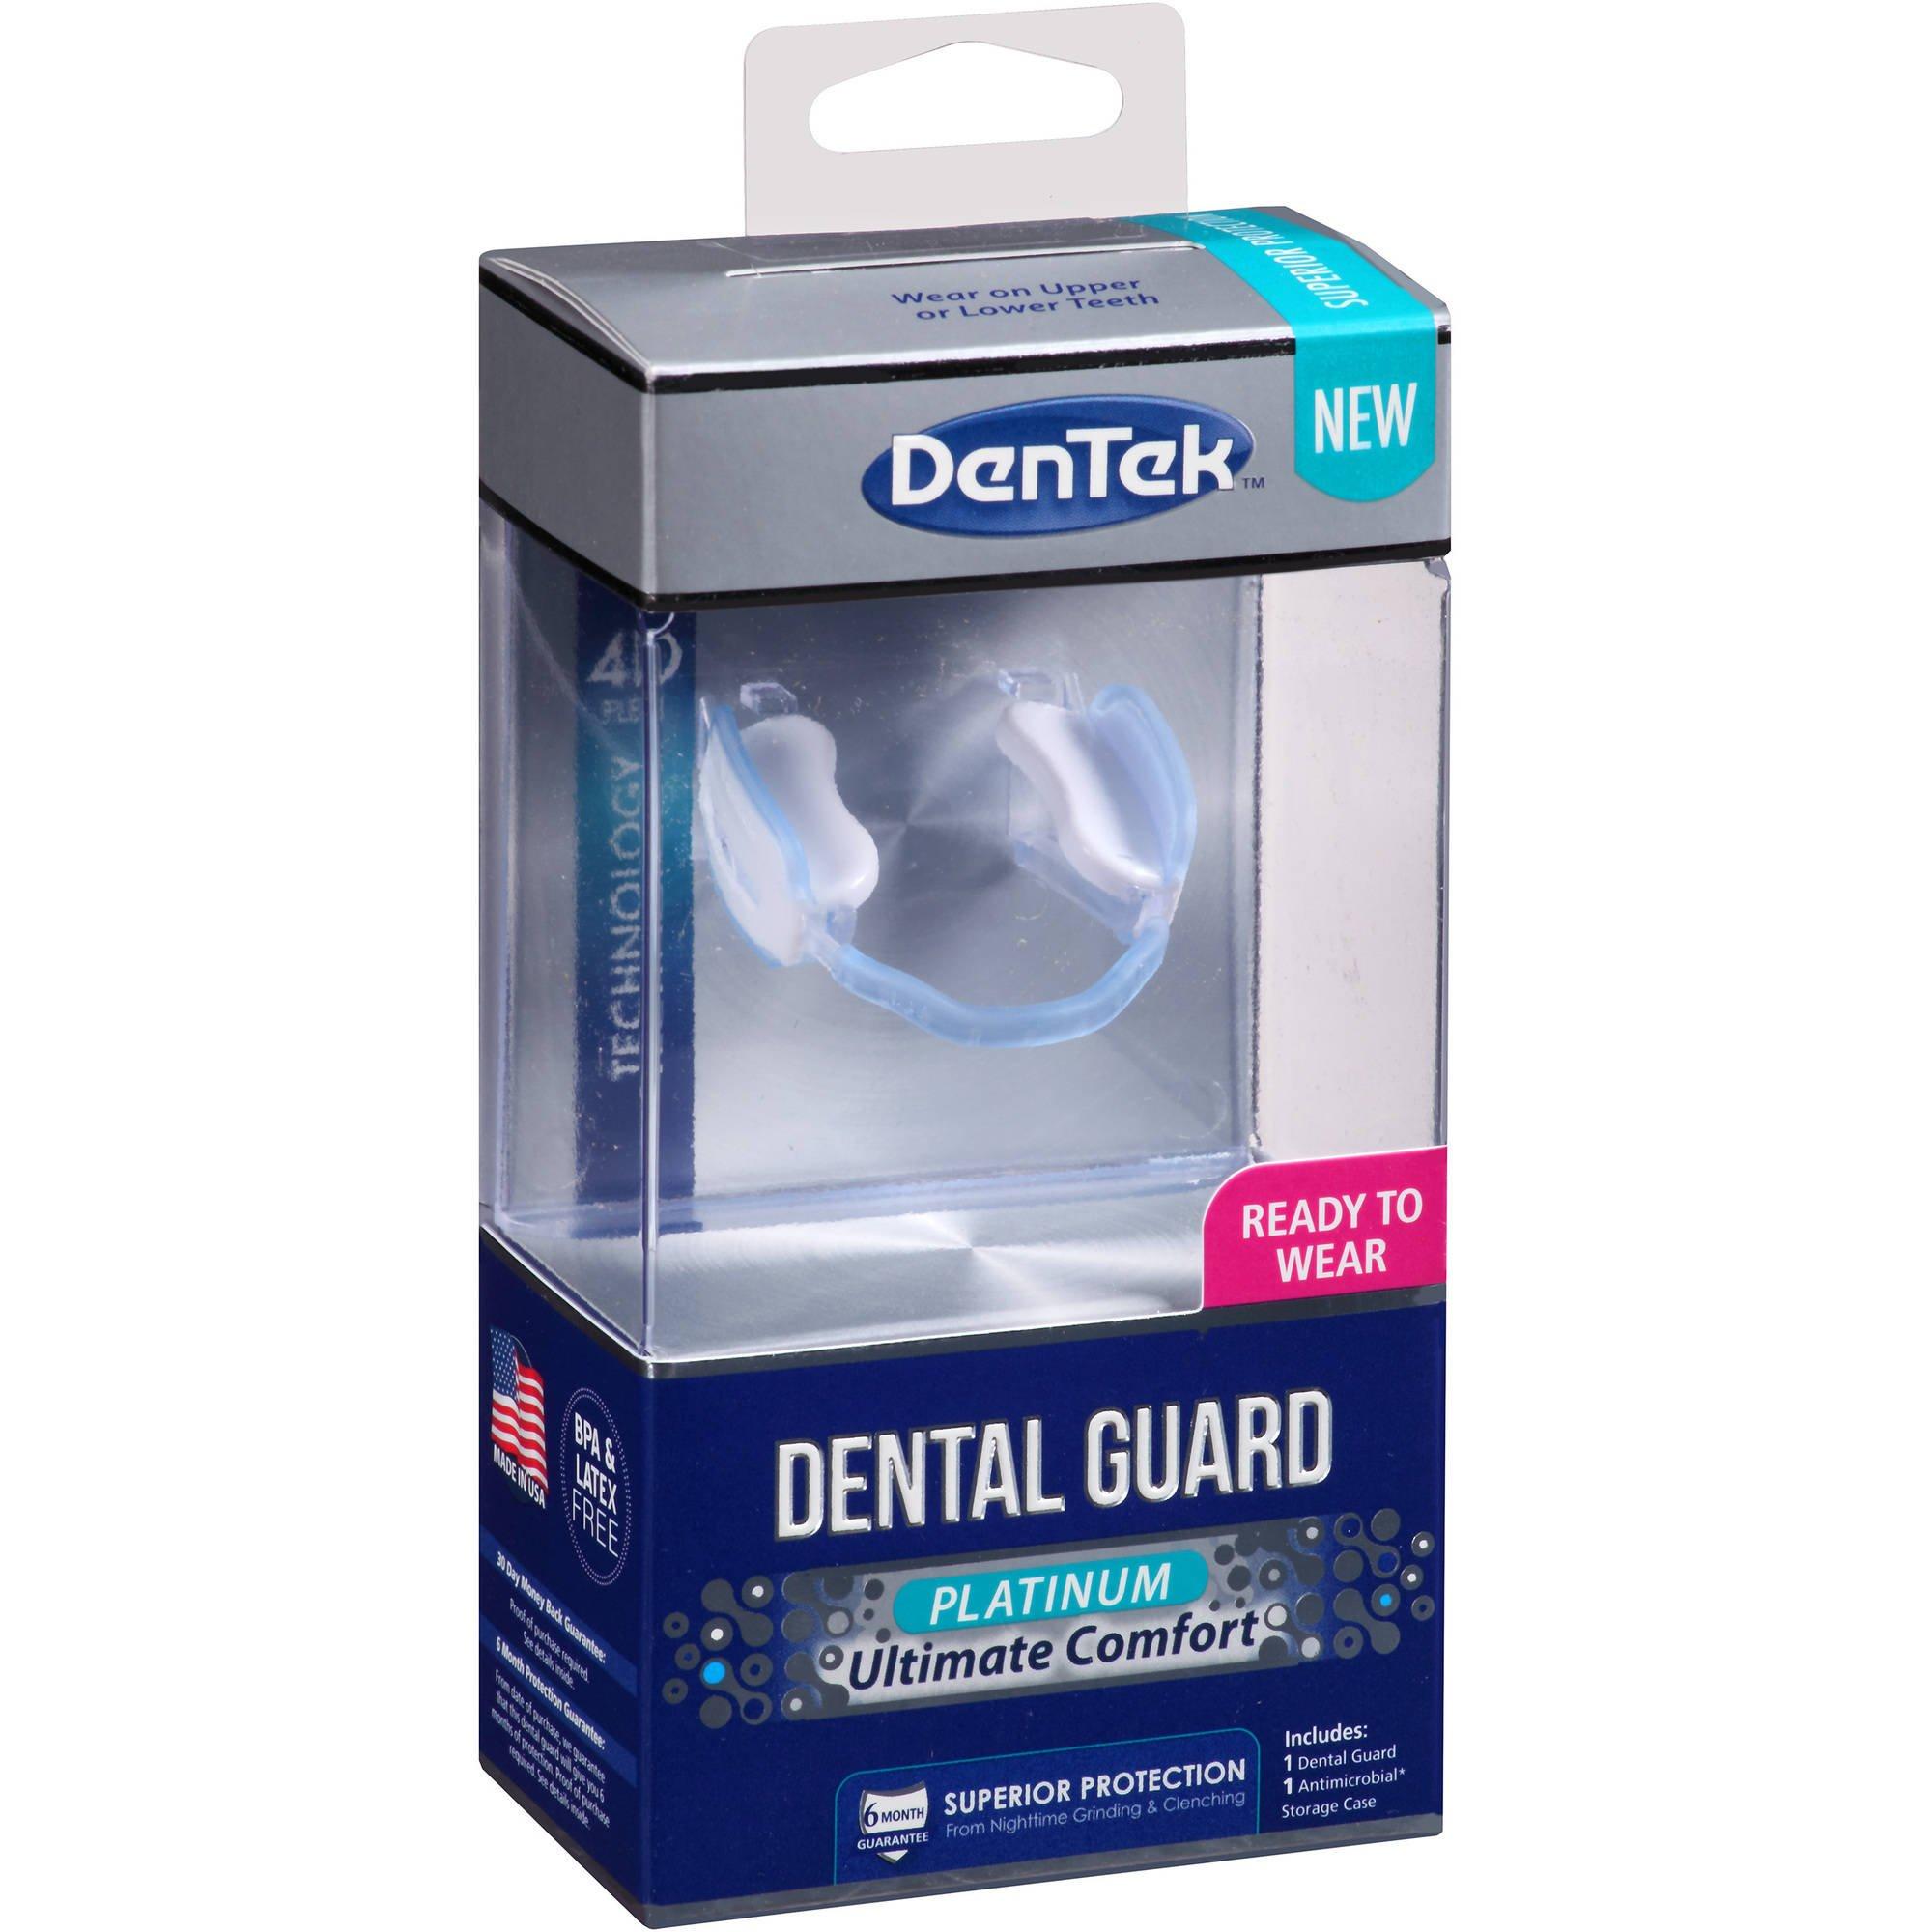 DenTex - Dental Guard, Platinum Ultimate Comfort - ( 2 PACK ) GREAT VALUE!